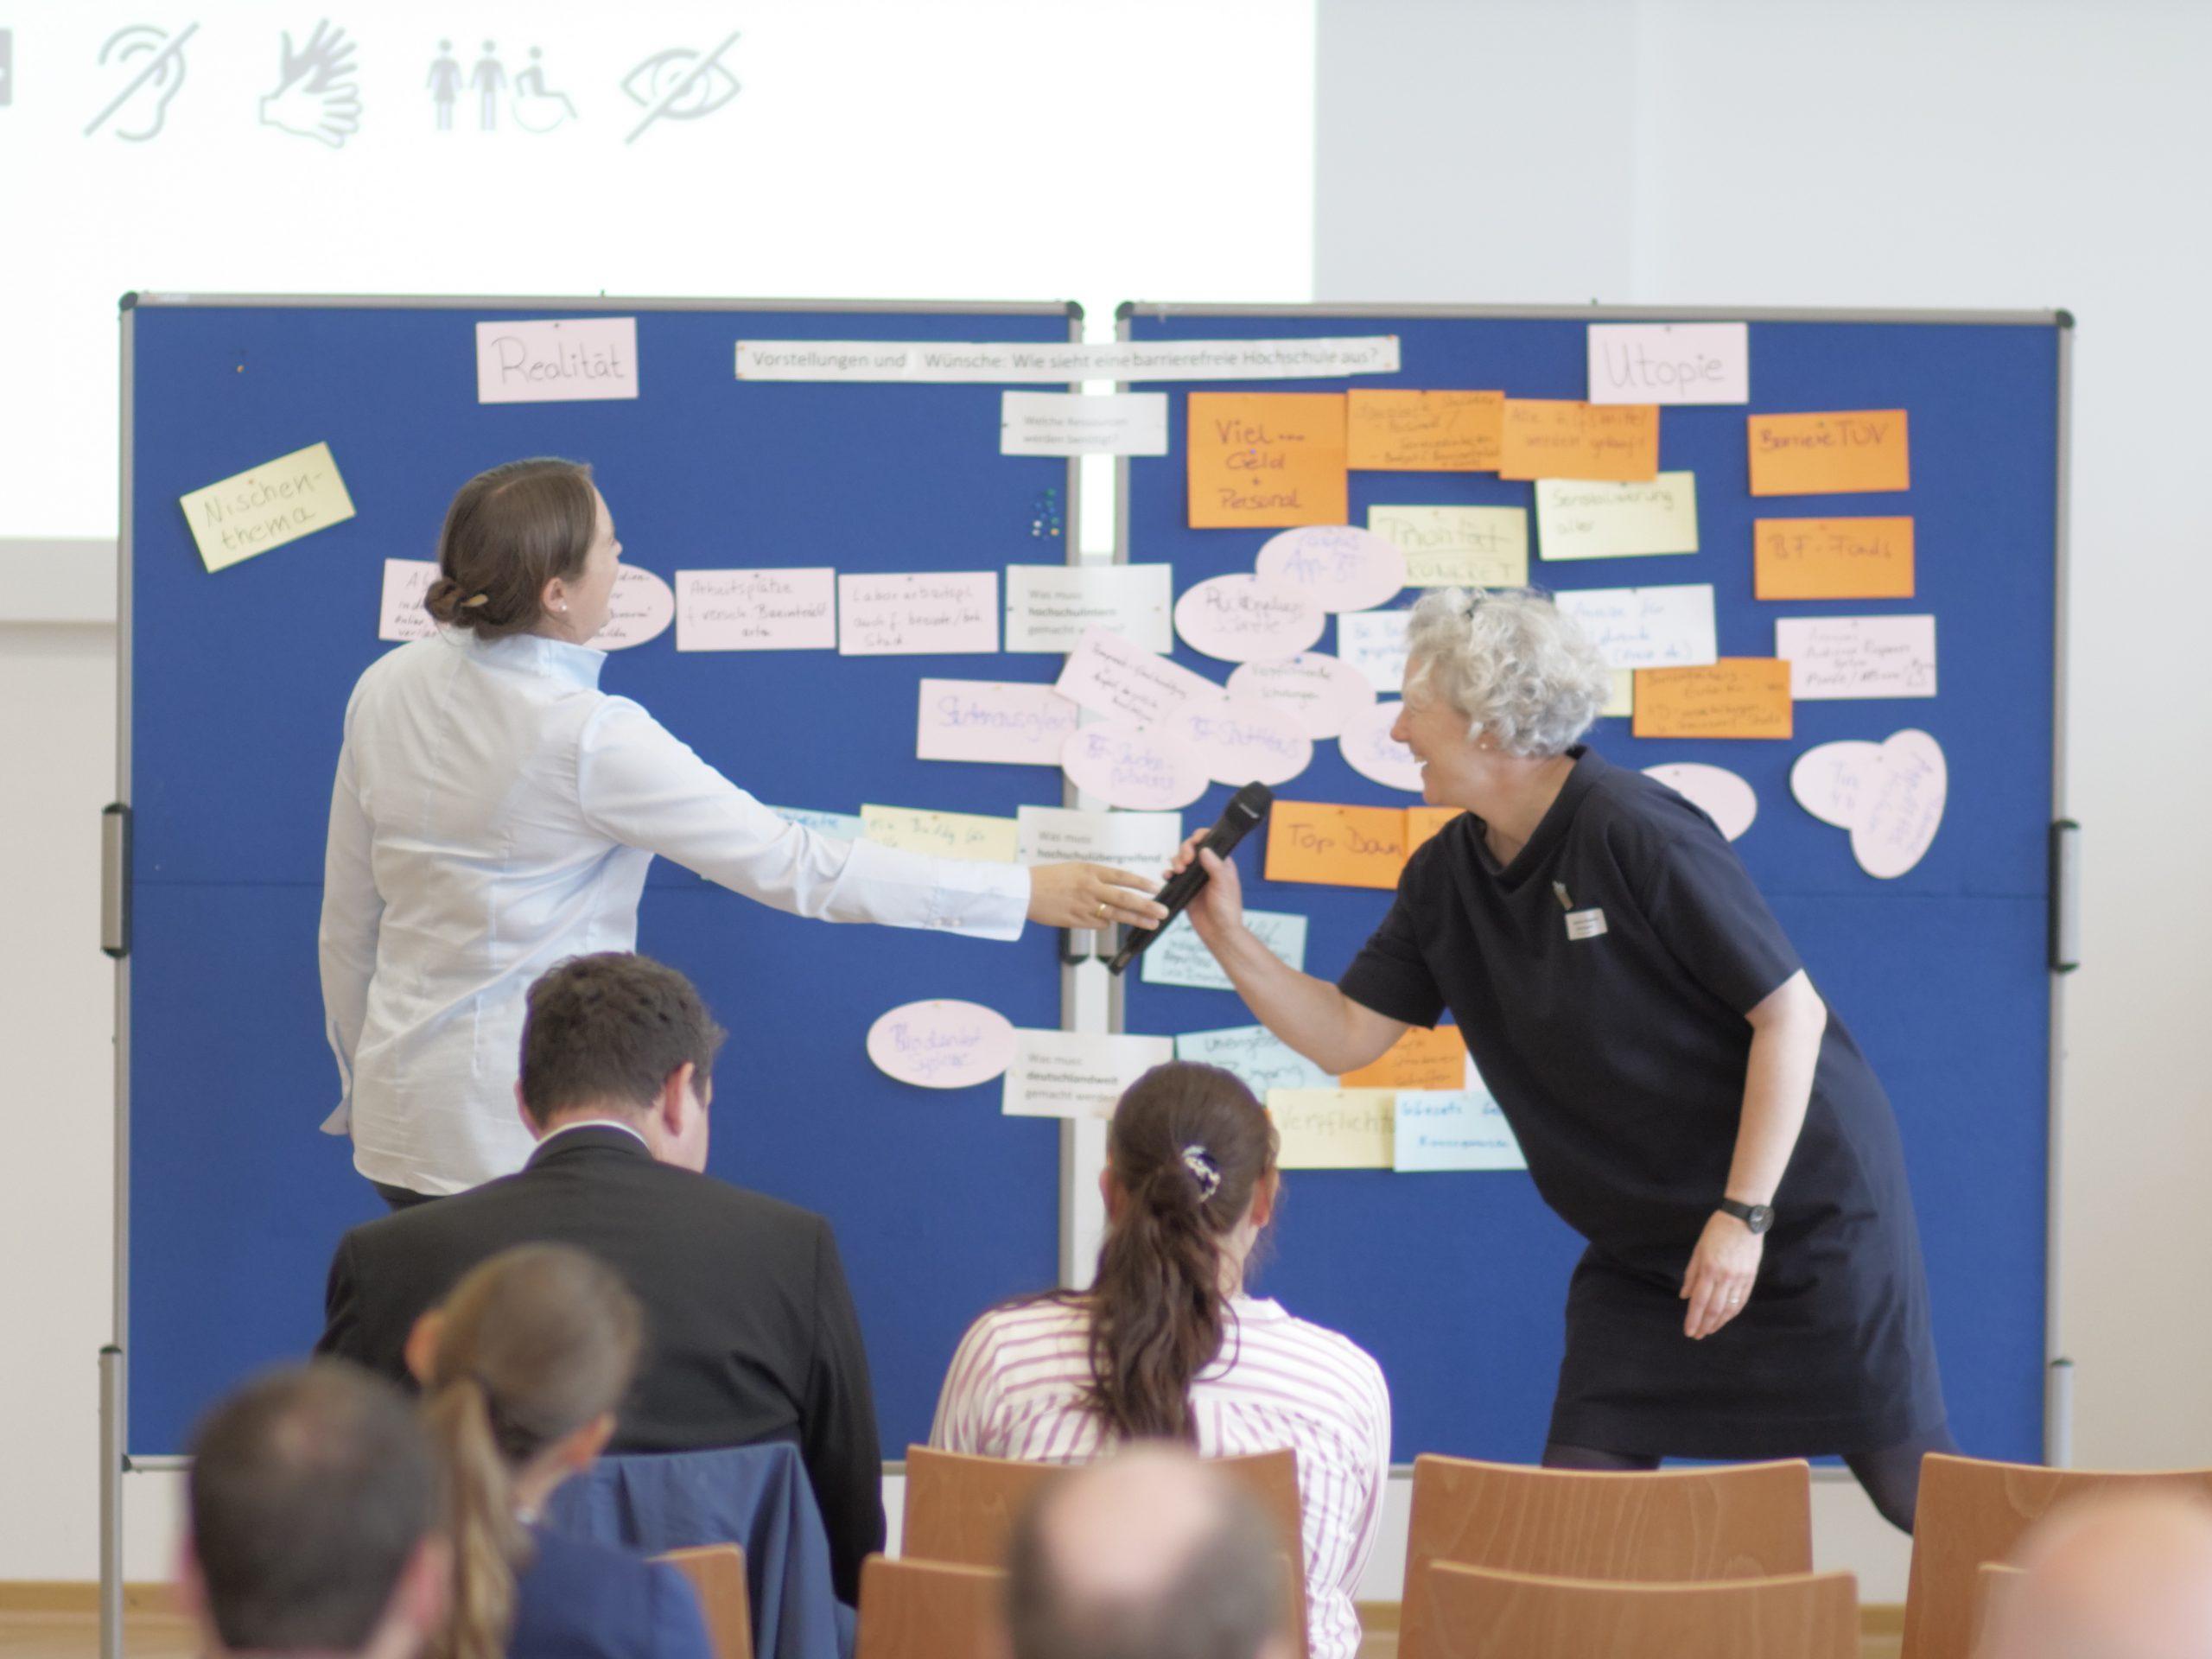 Zwei Teilnehmerinnen stellen die Ergebnisse der Utopie-Gruppe vor.